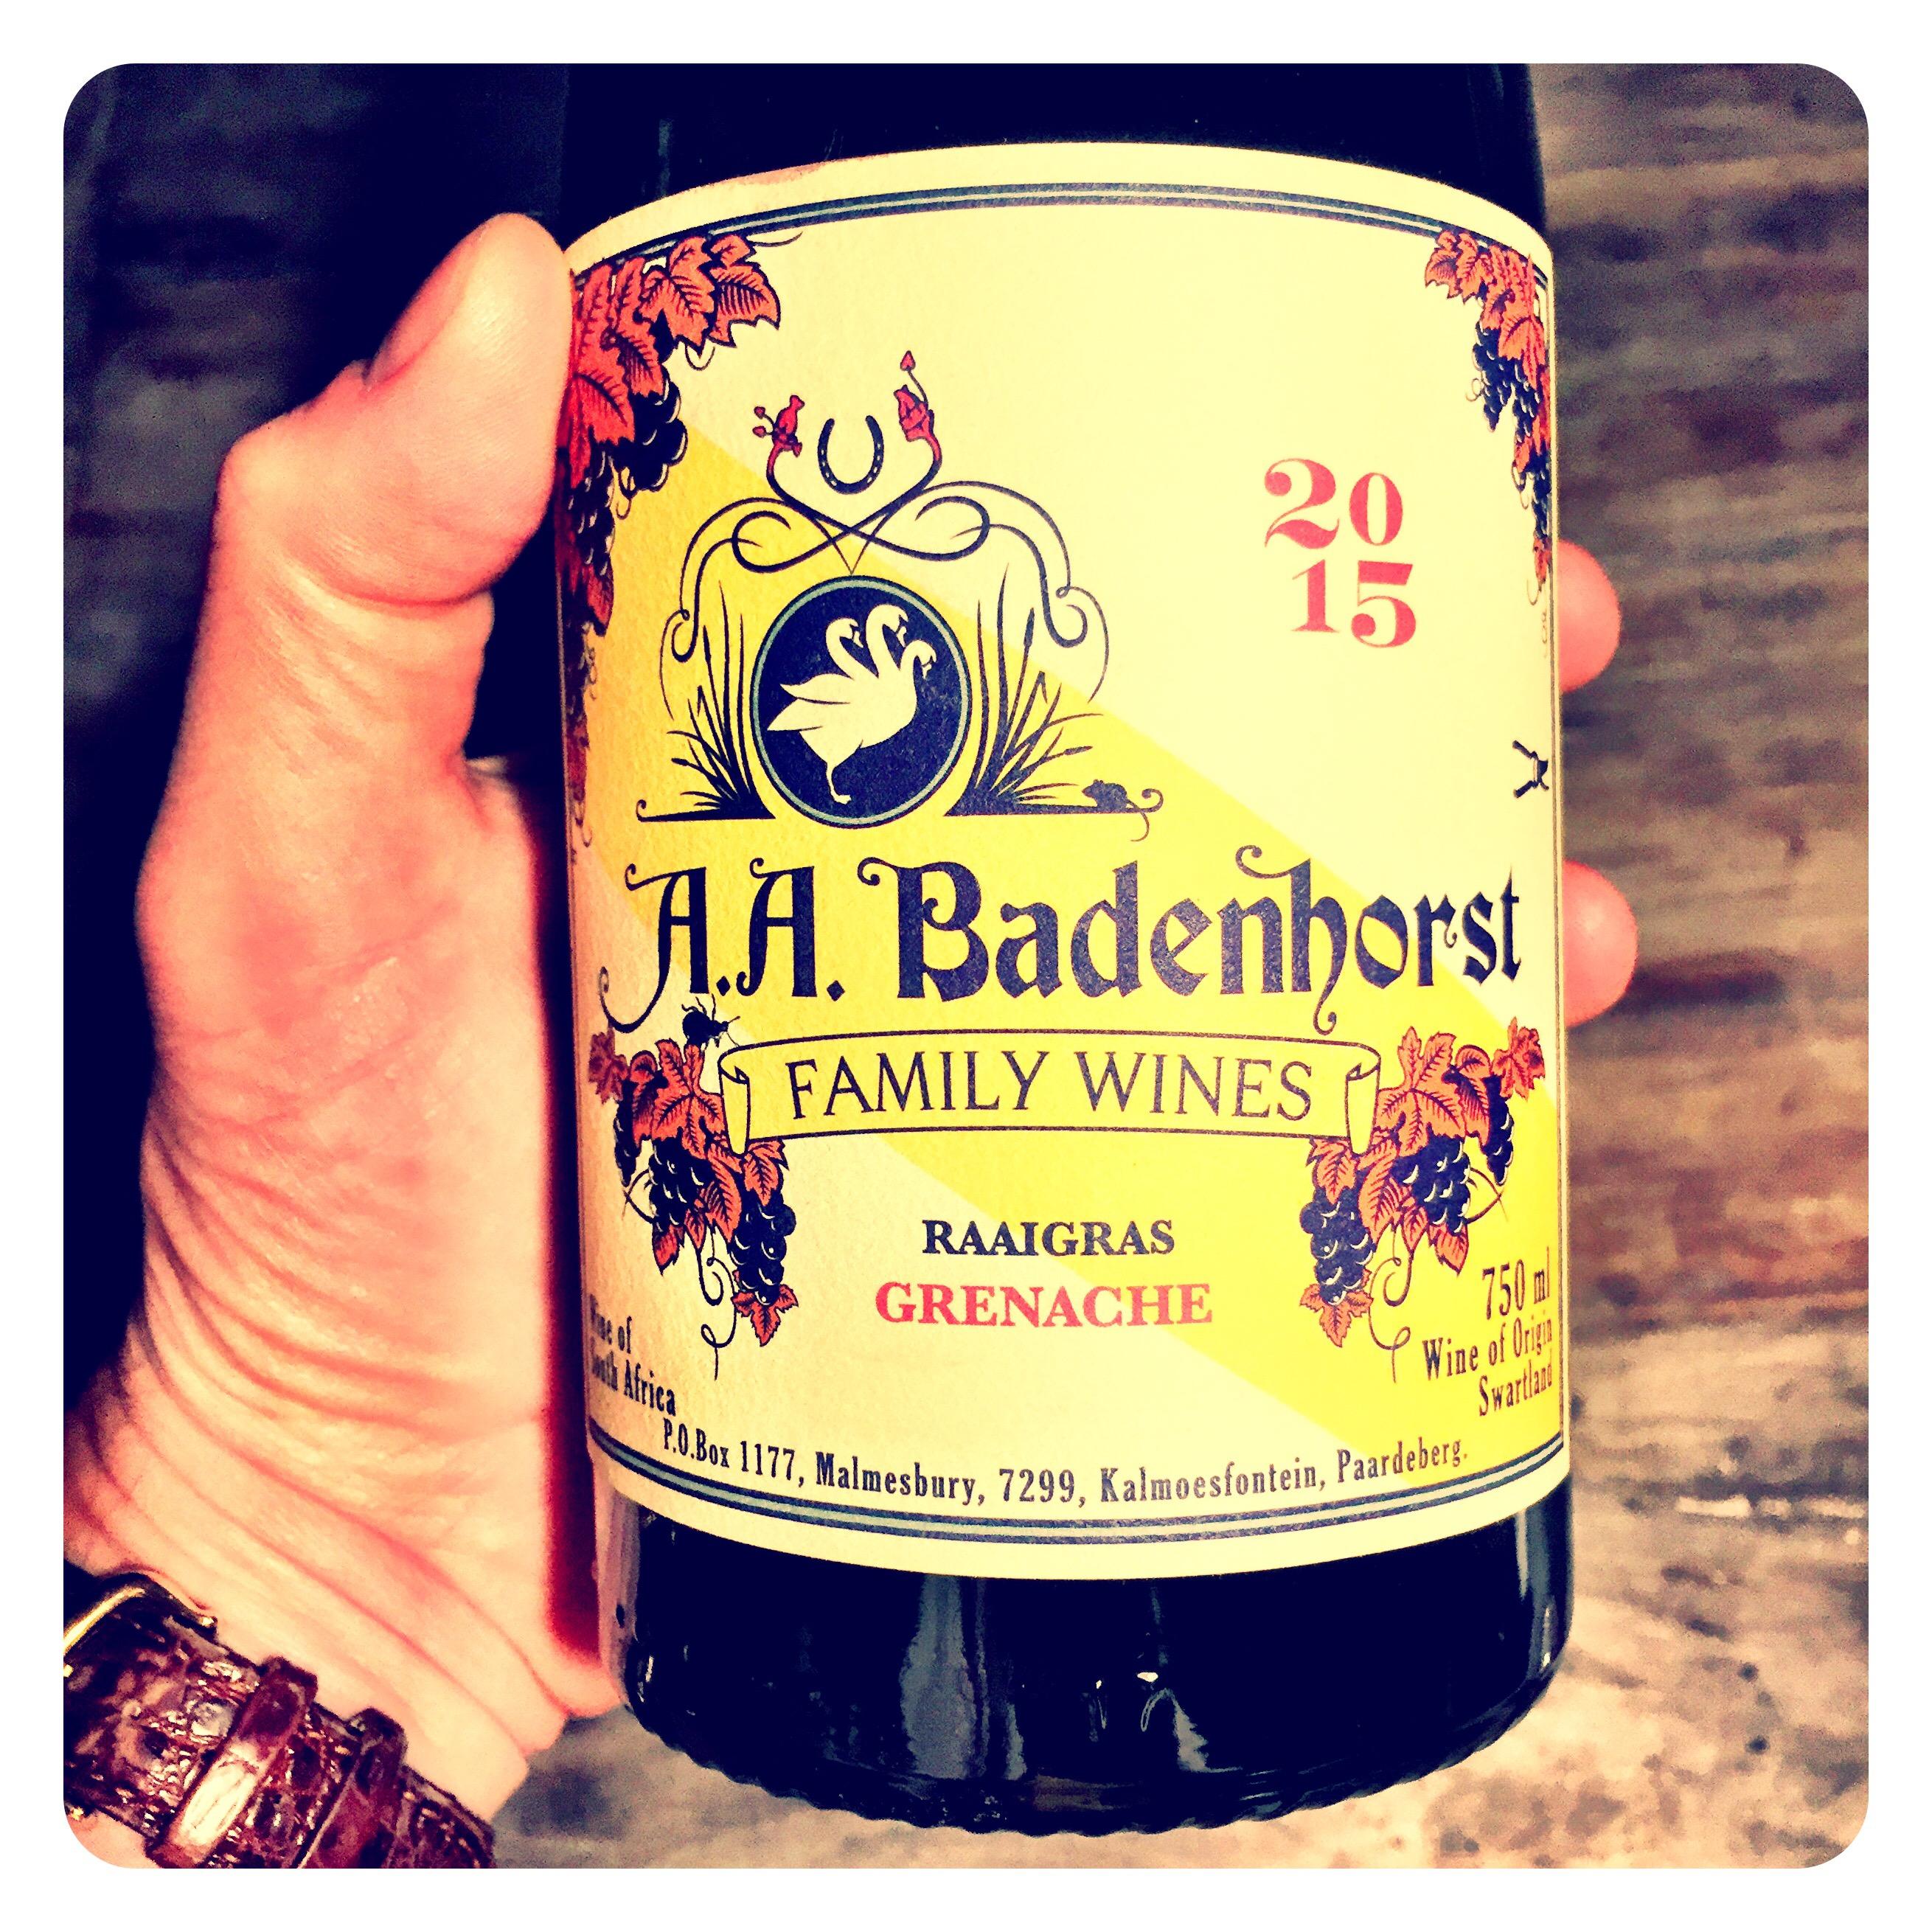 A A Badenhorst Raaigras Grenache